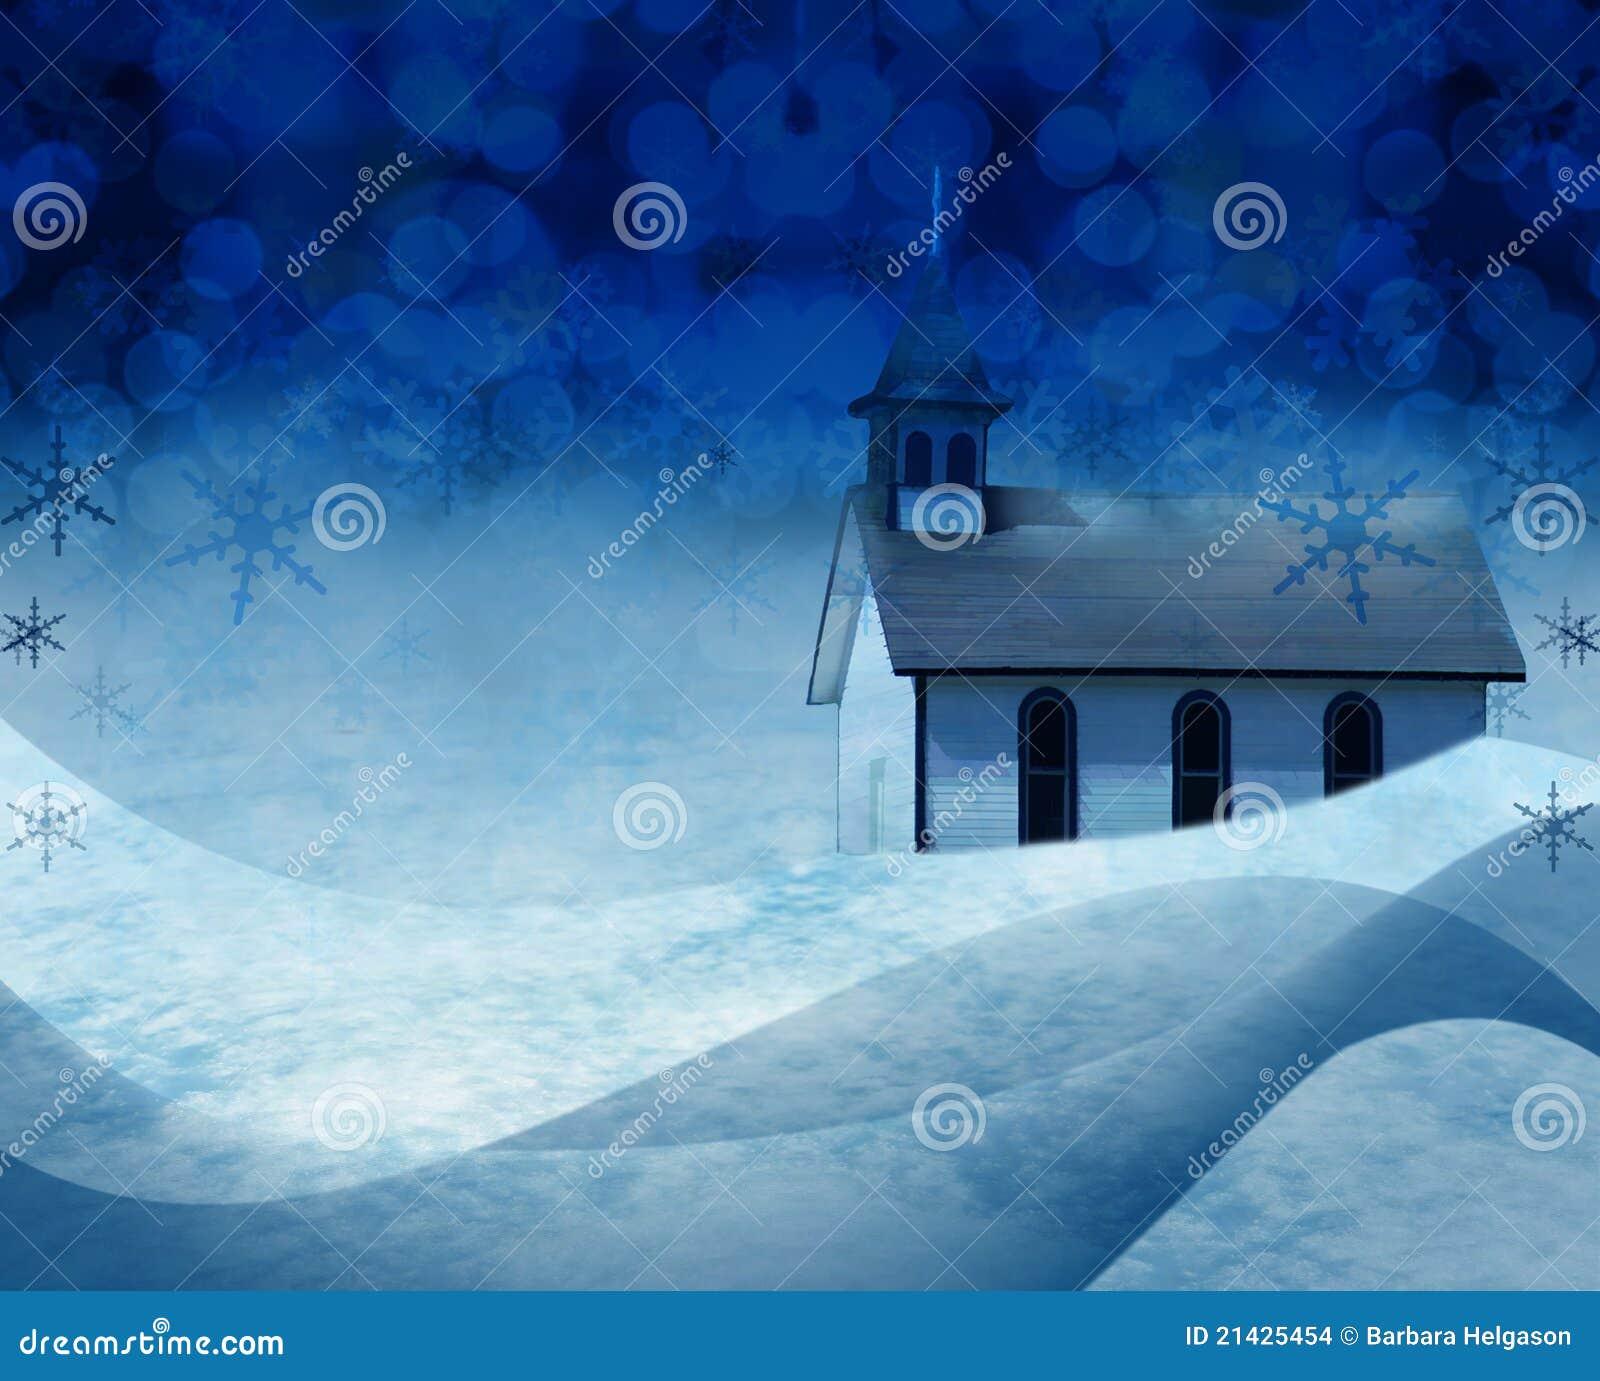 Scena della neve della chiesa di natale